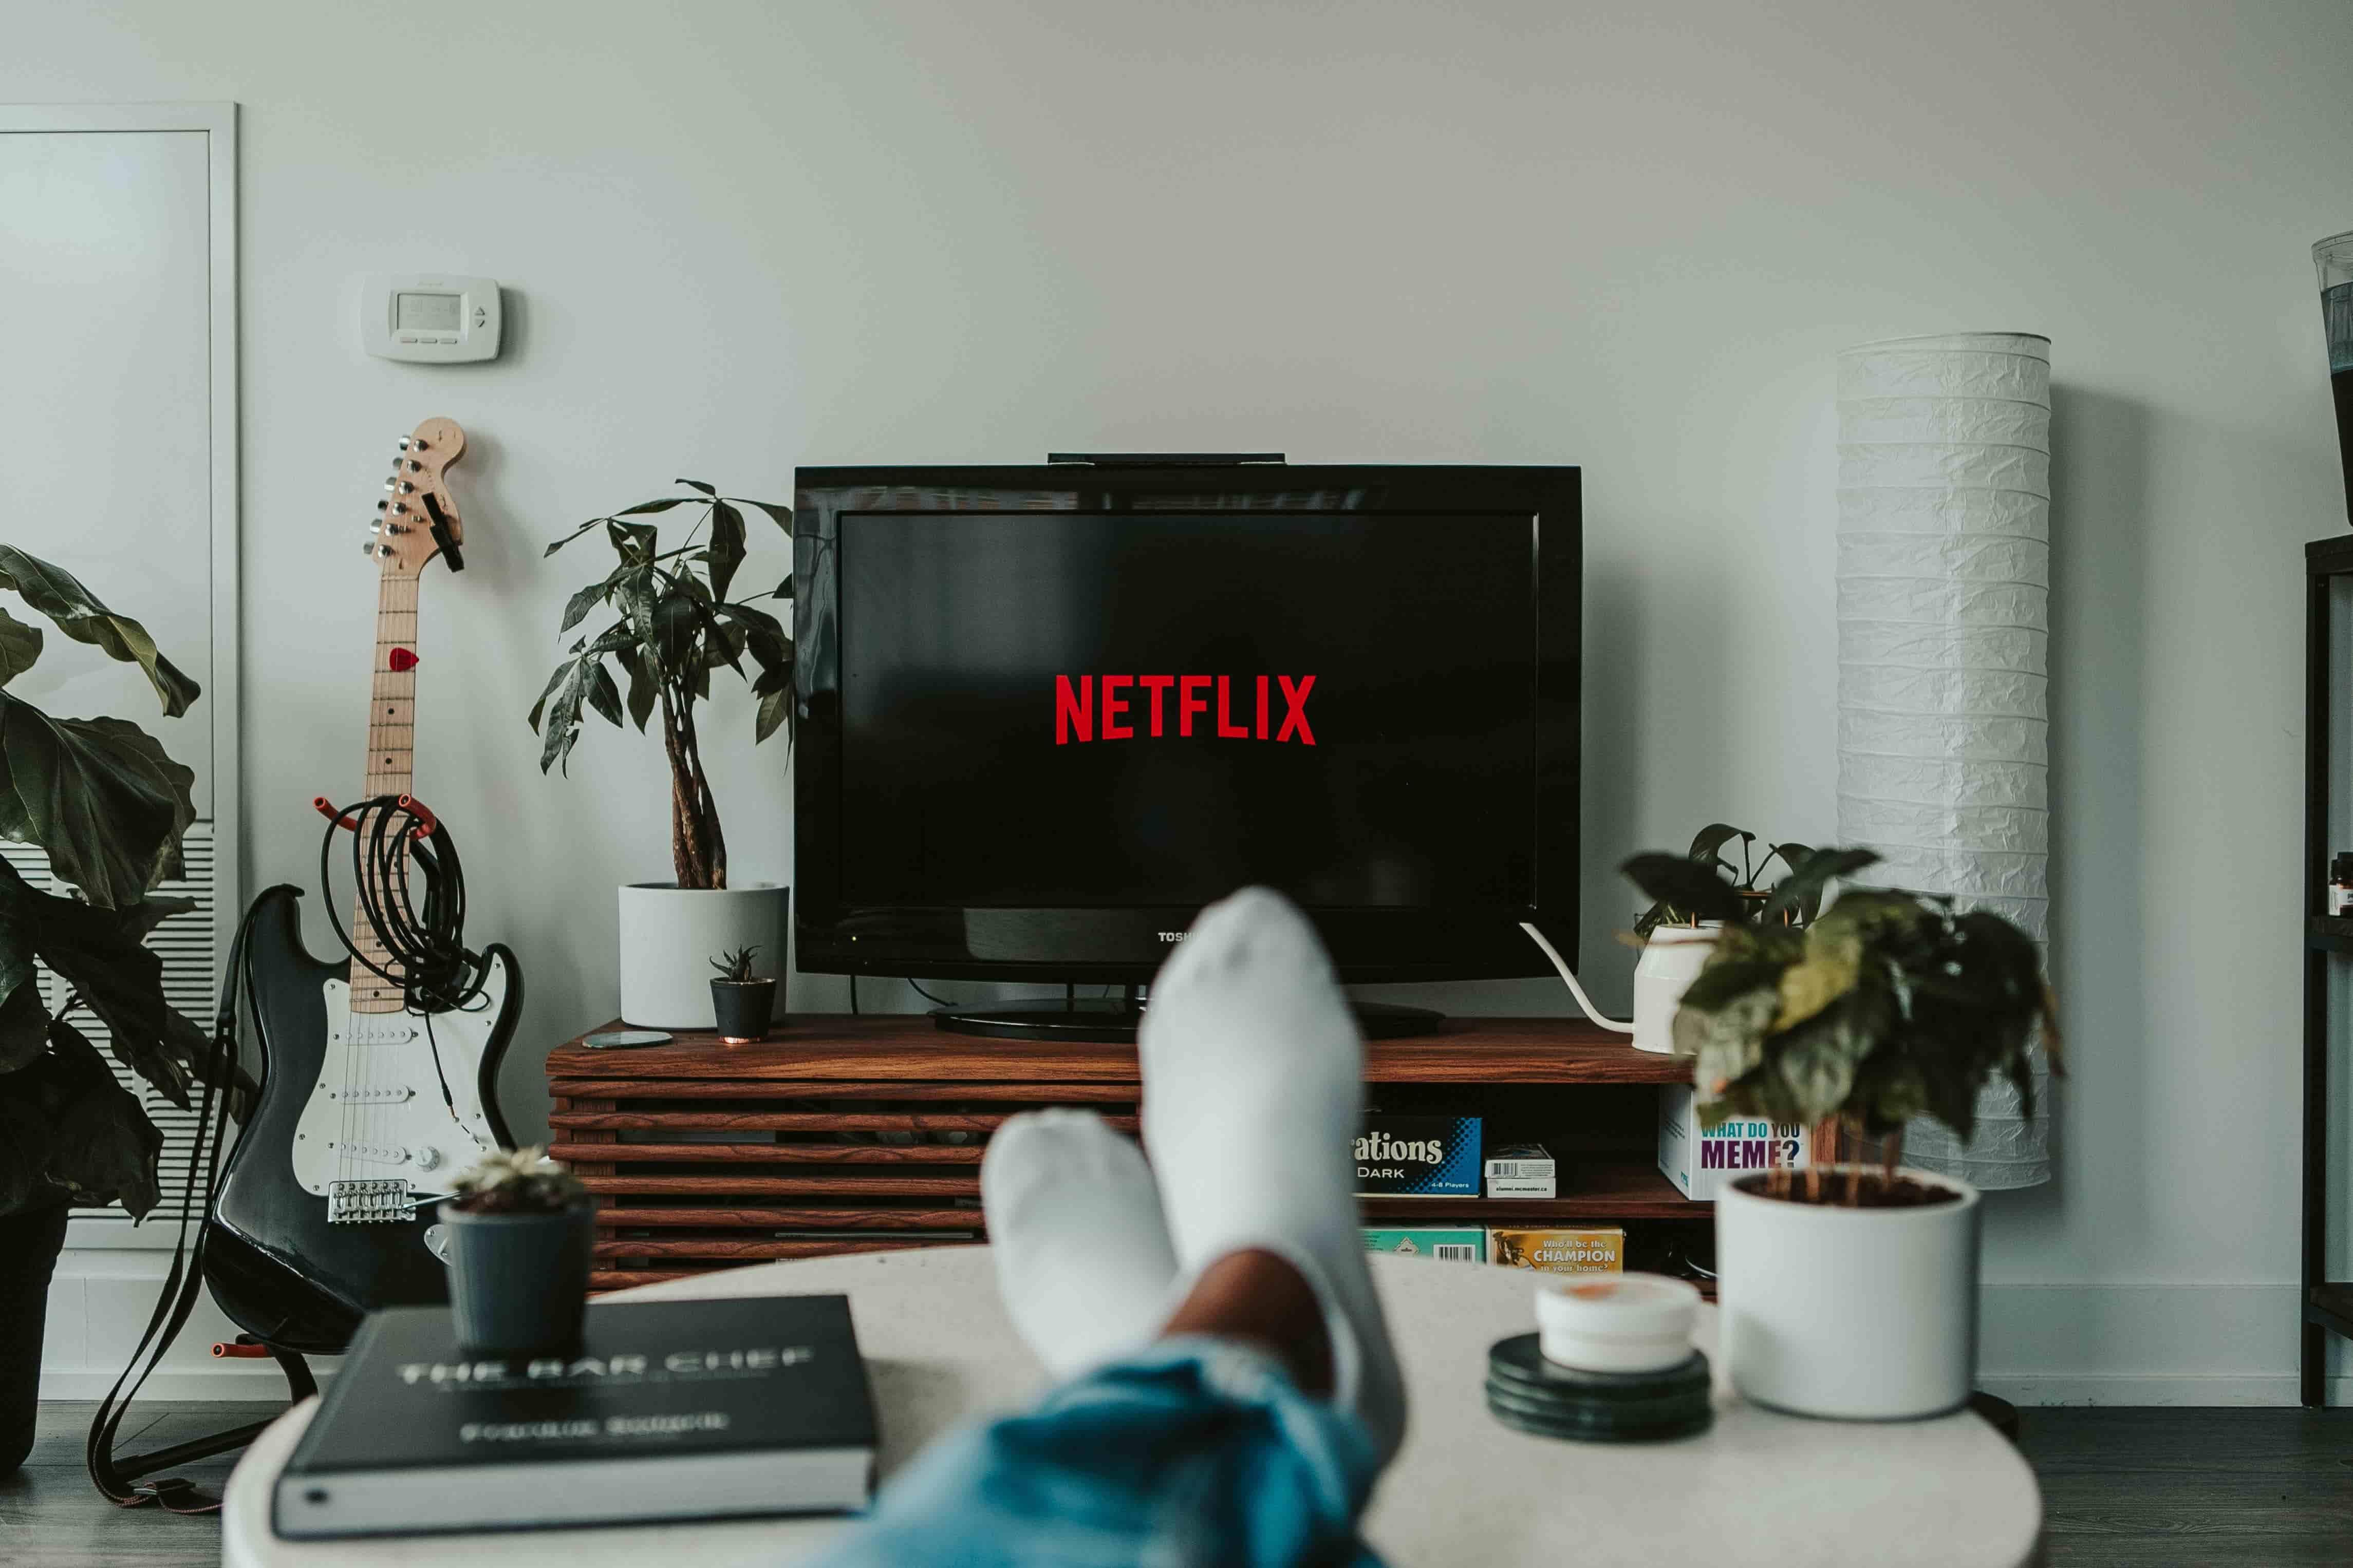 L'affascinante storia di Netflix che dovresti conoscere